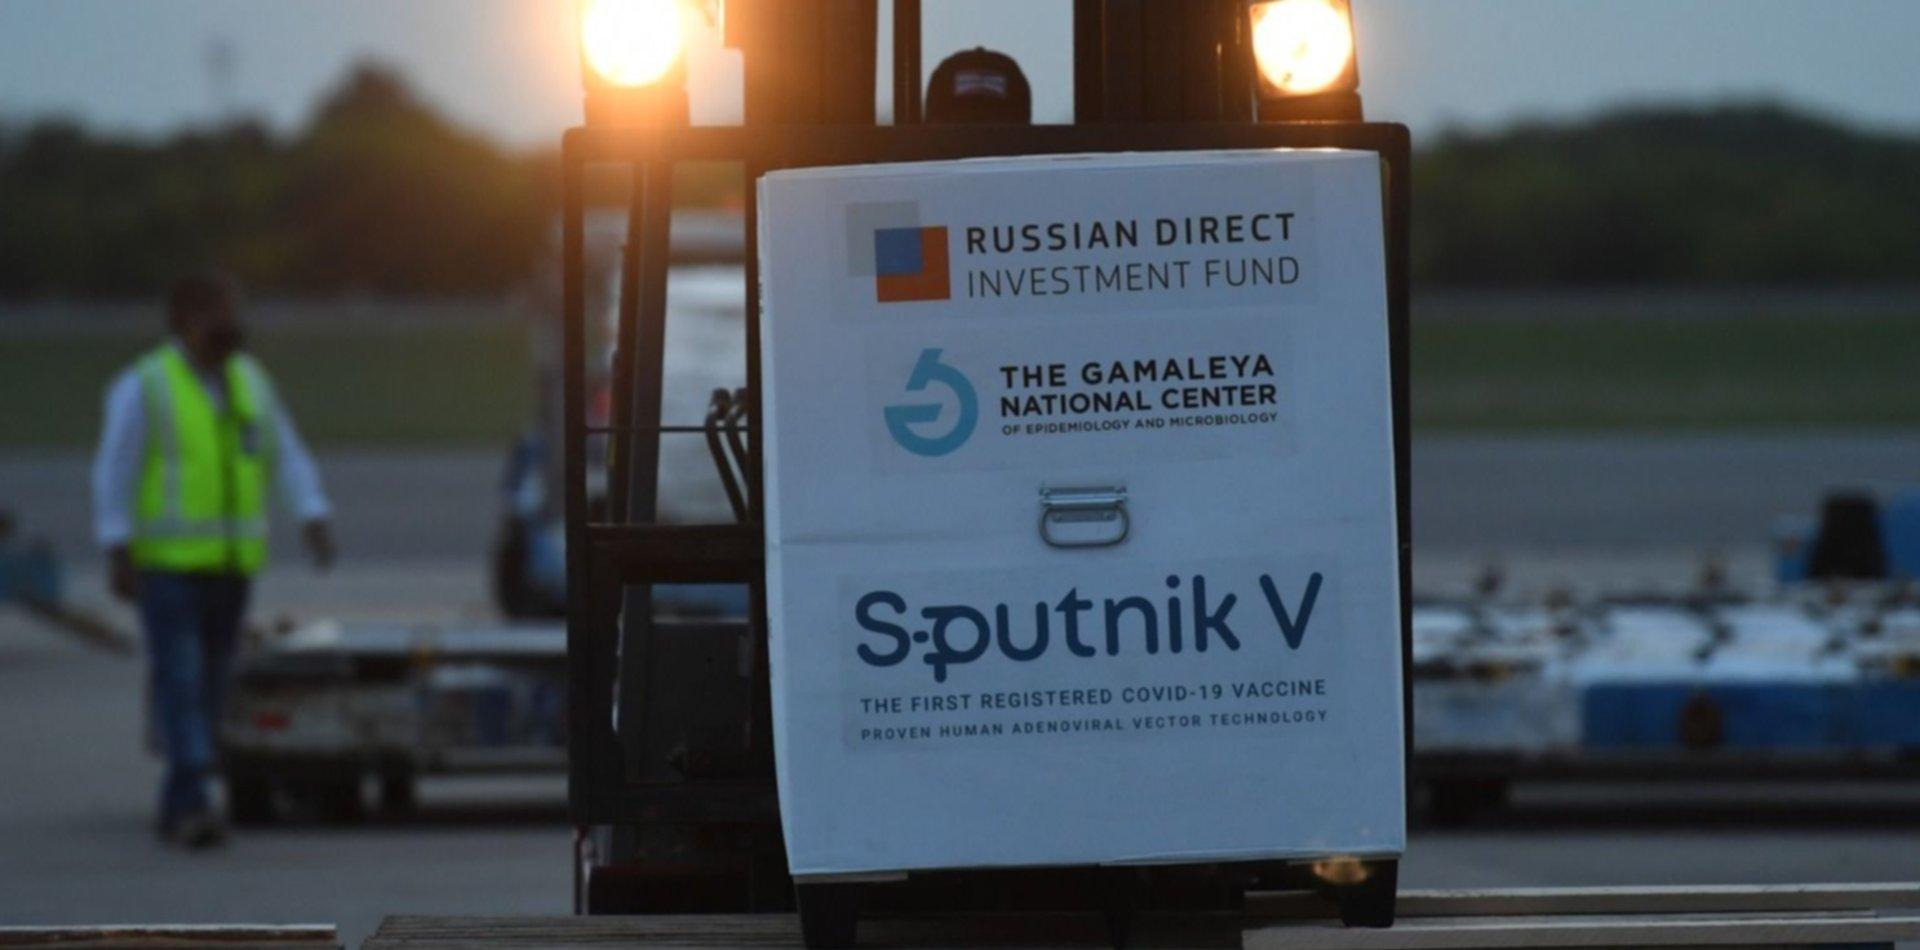 Llegarán 1.200.000 nuevas vacunas Sputnik V al país